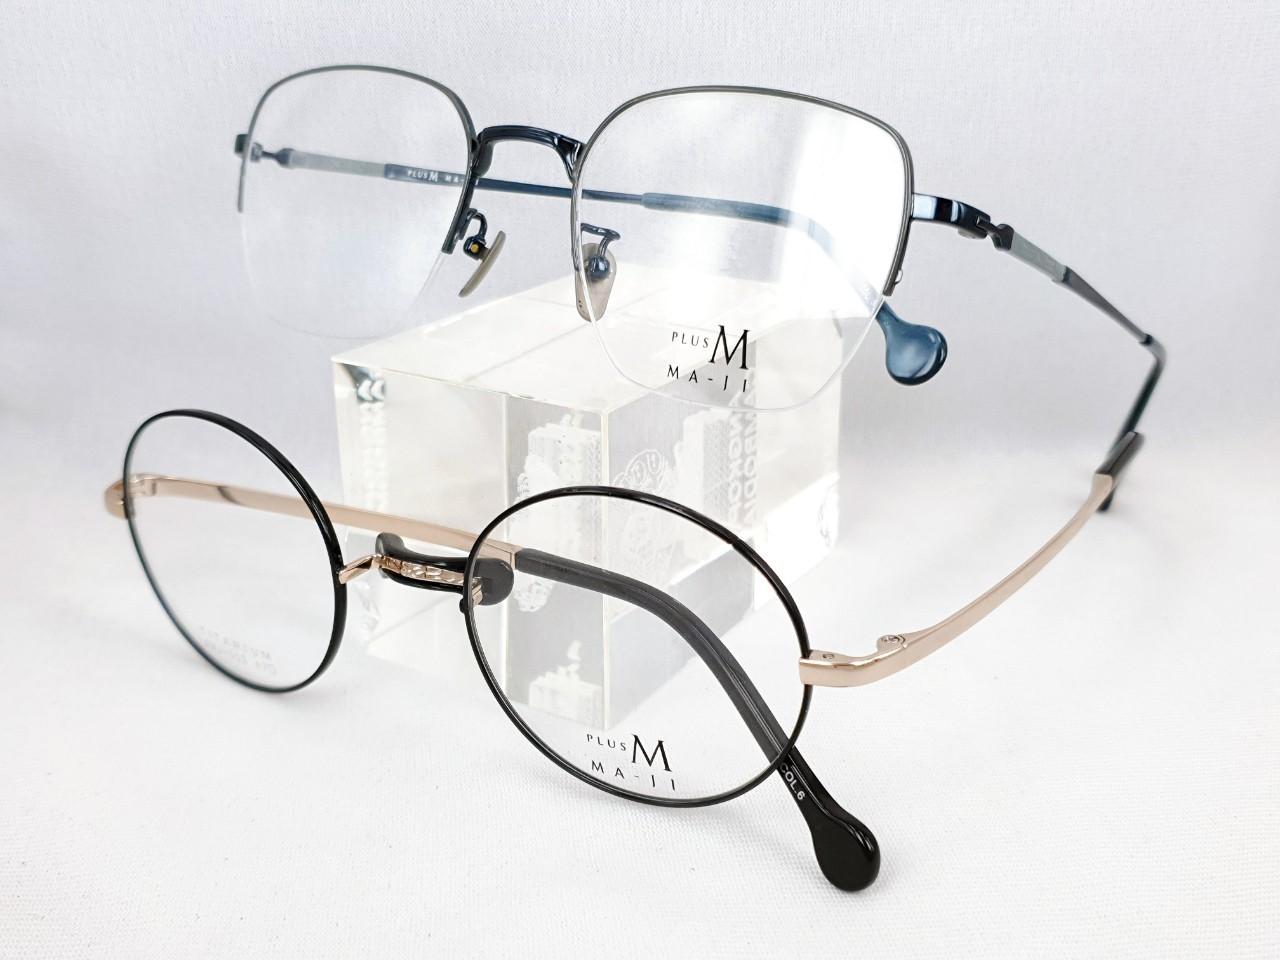 民視眼鏡品牌Ma Ji_200102_0003